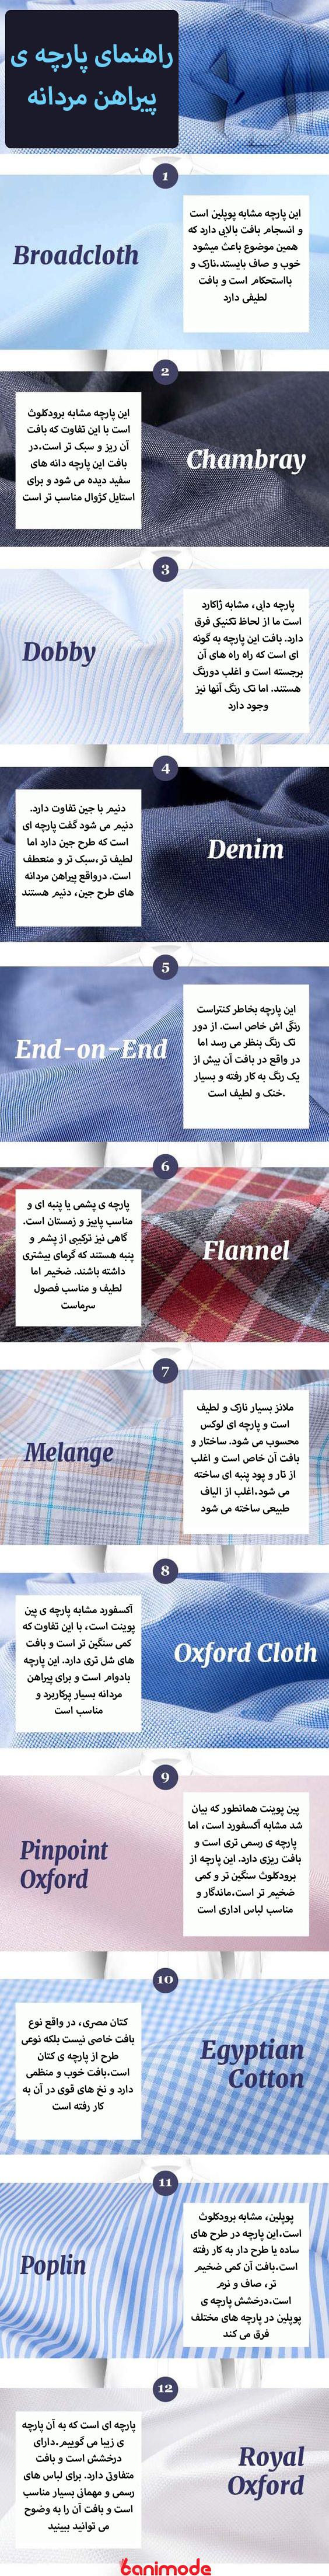 راهنمای پارچه ی پیراهن مردانه-بانی مد